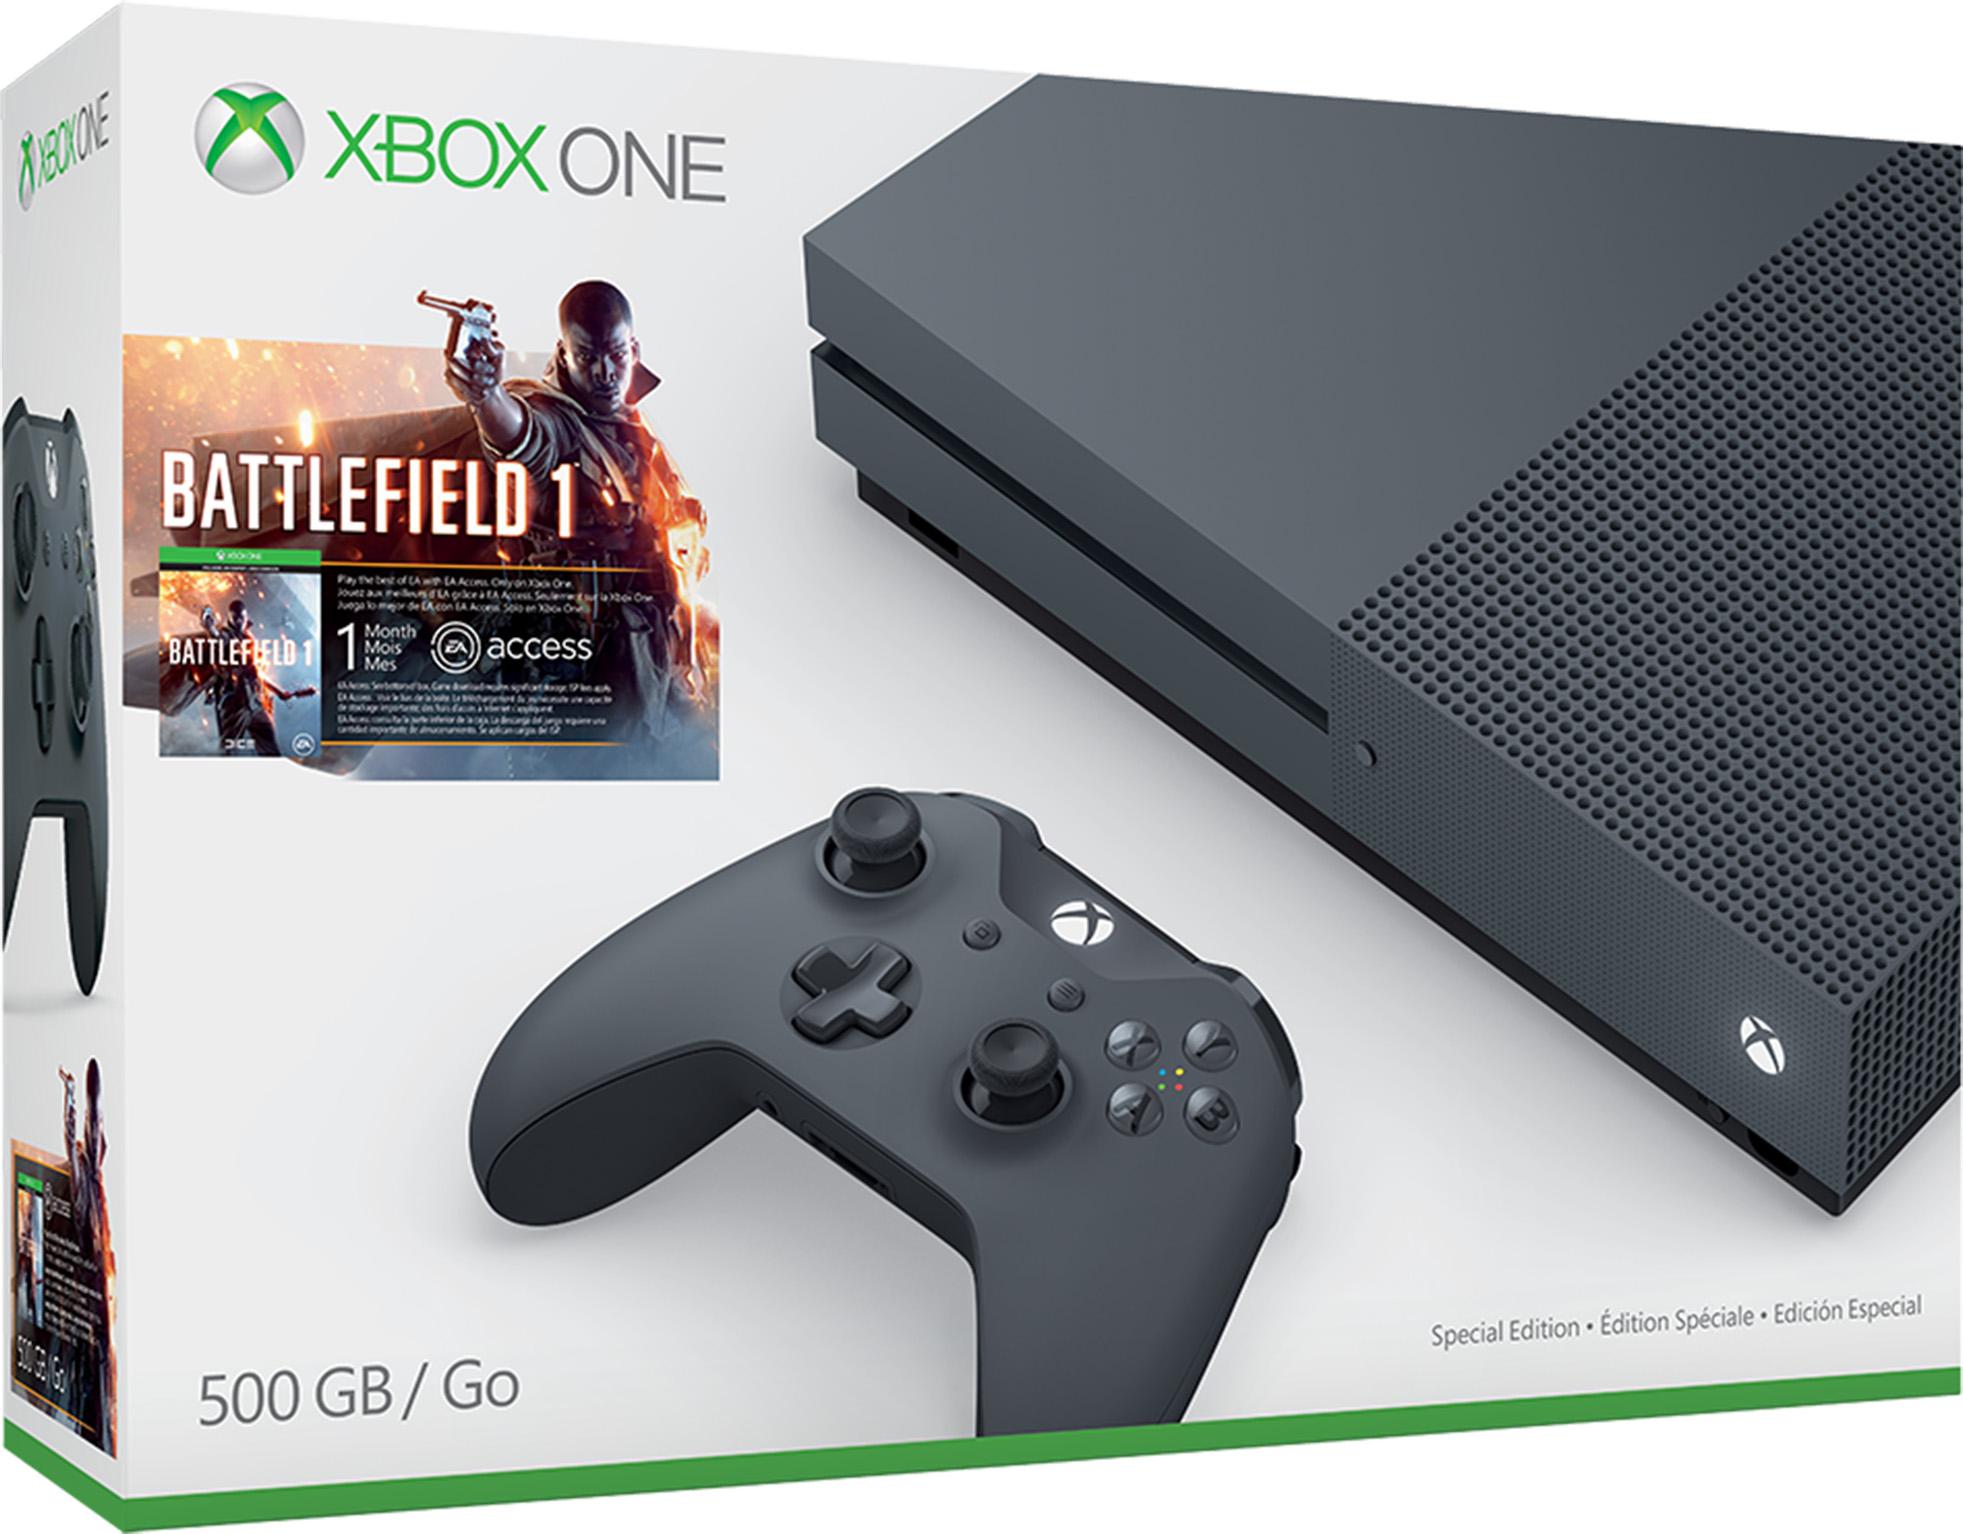 Gray Xbox One S Battlefield 1 Bundle (500GB)